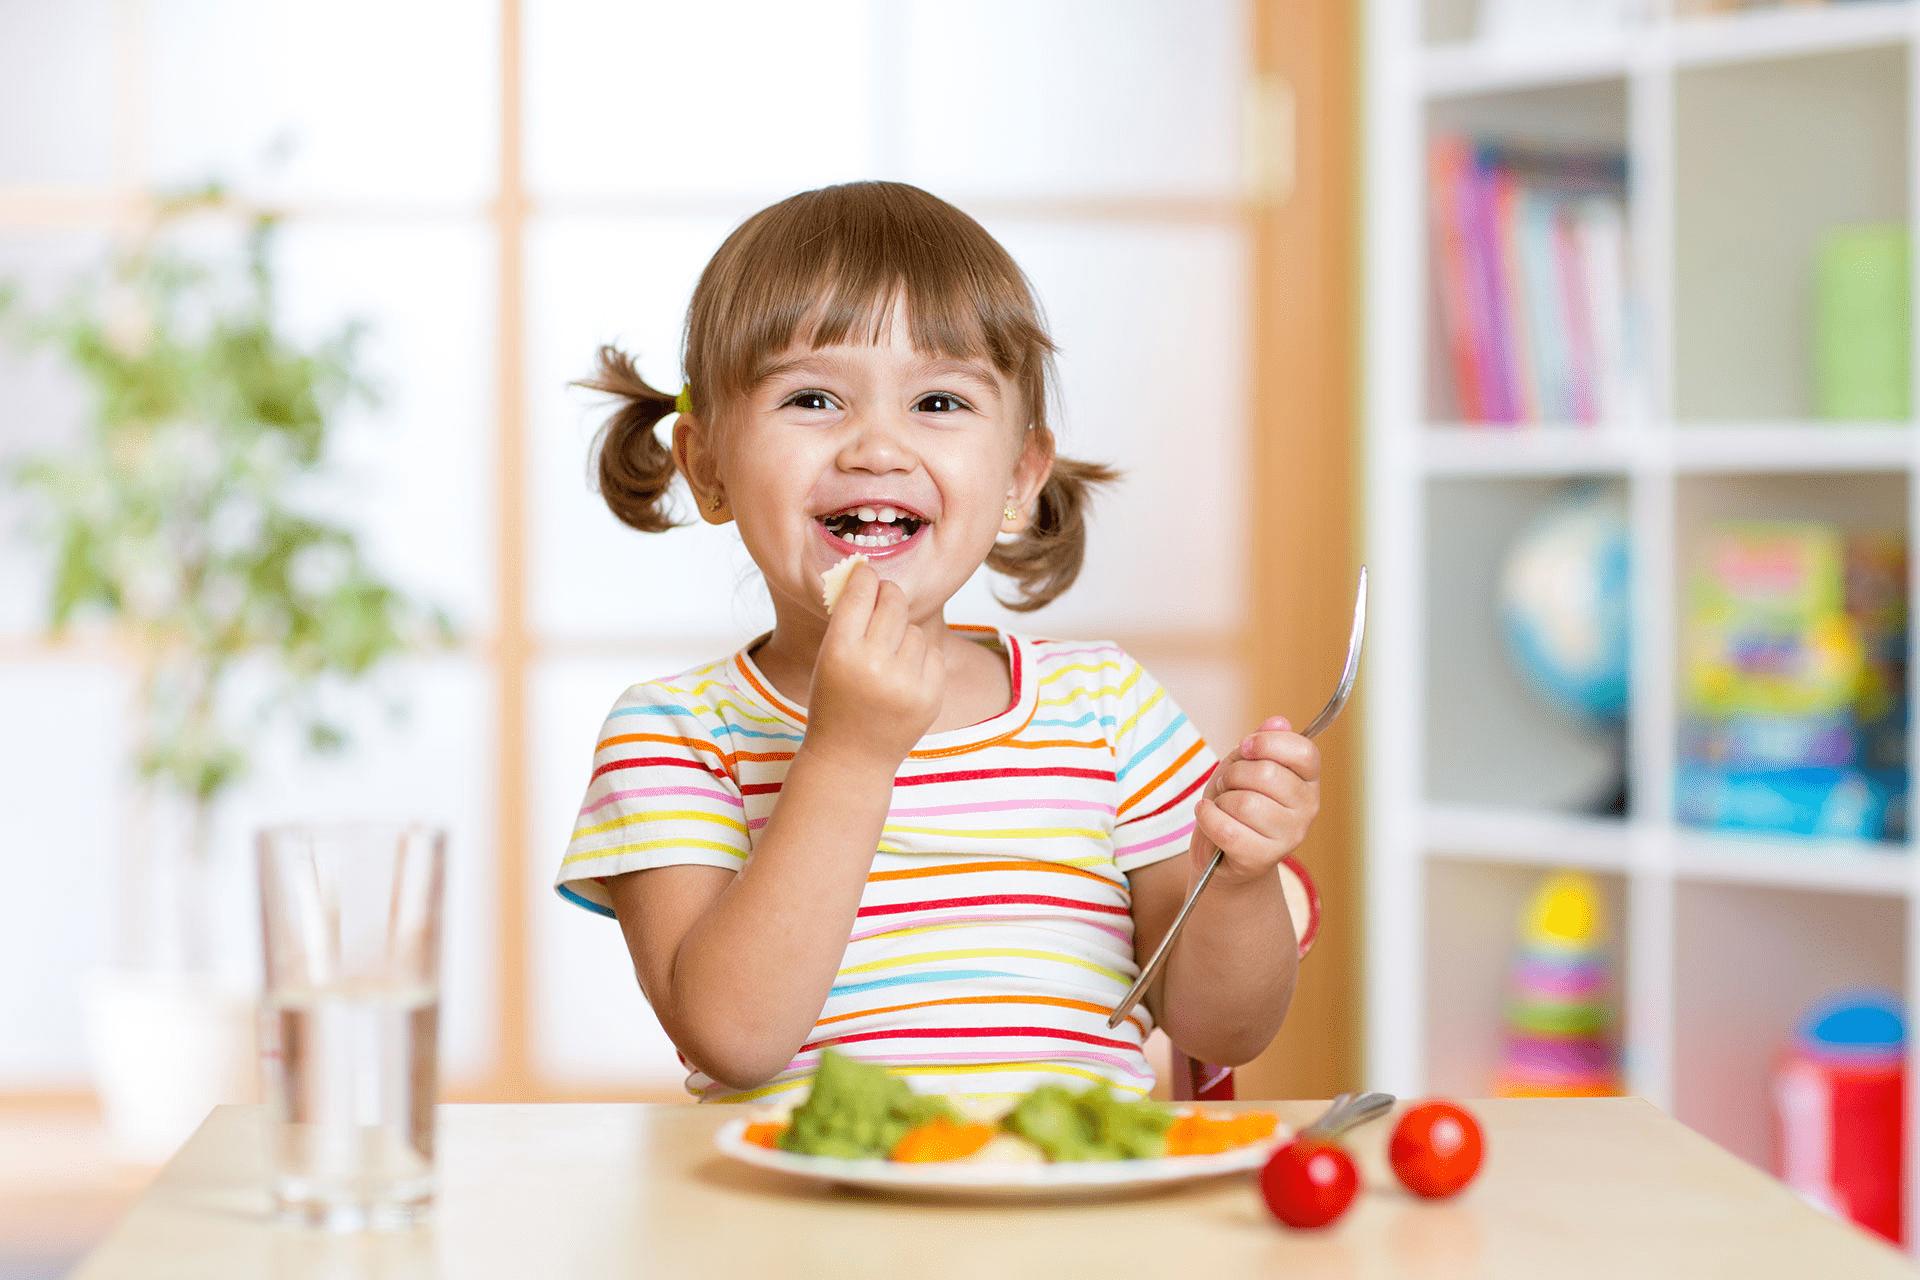 7 skutecznych sposobów na przekonanie dziecka do zdrowego odżywiania